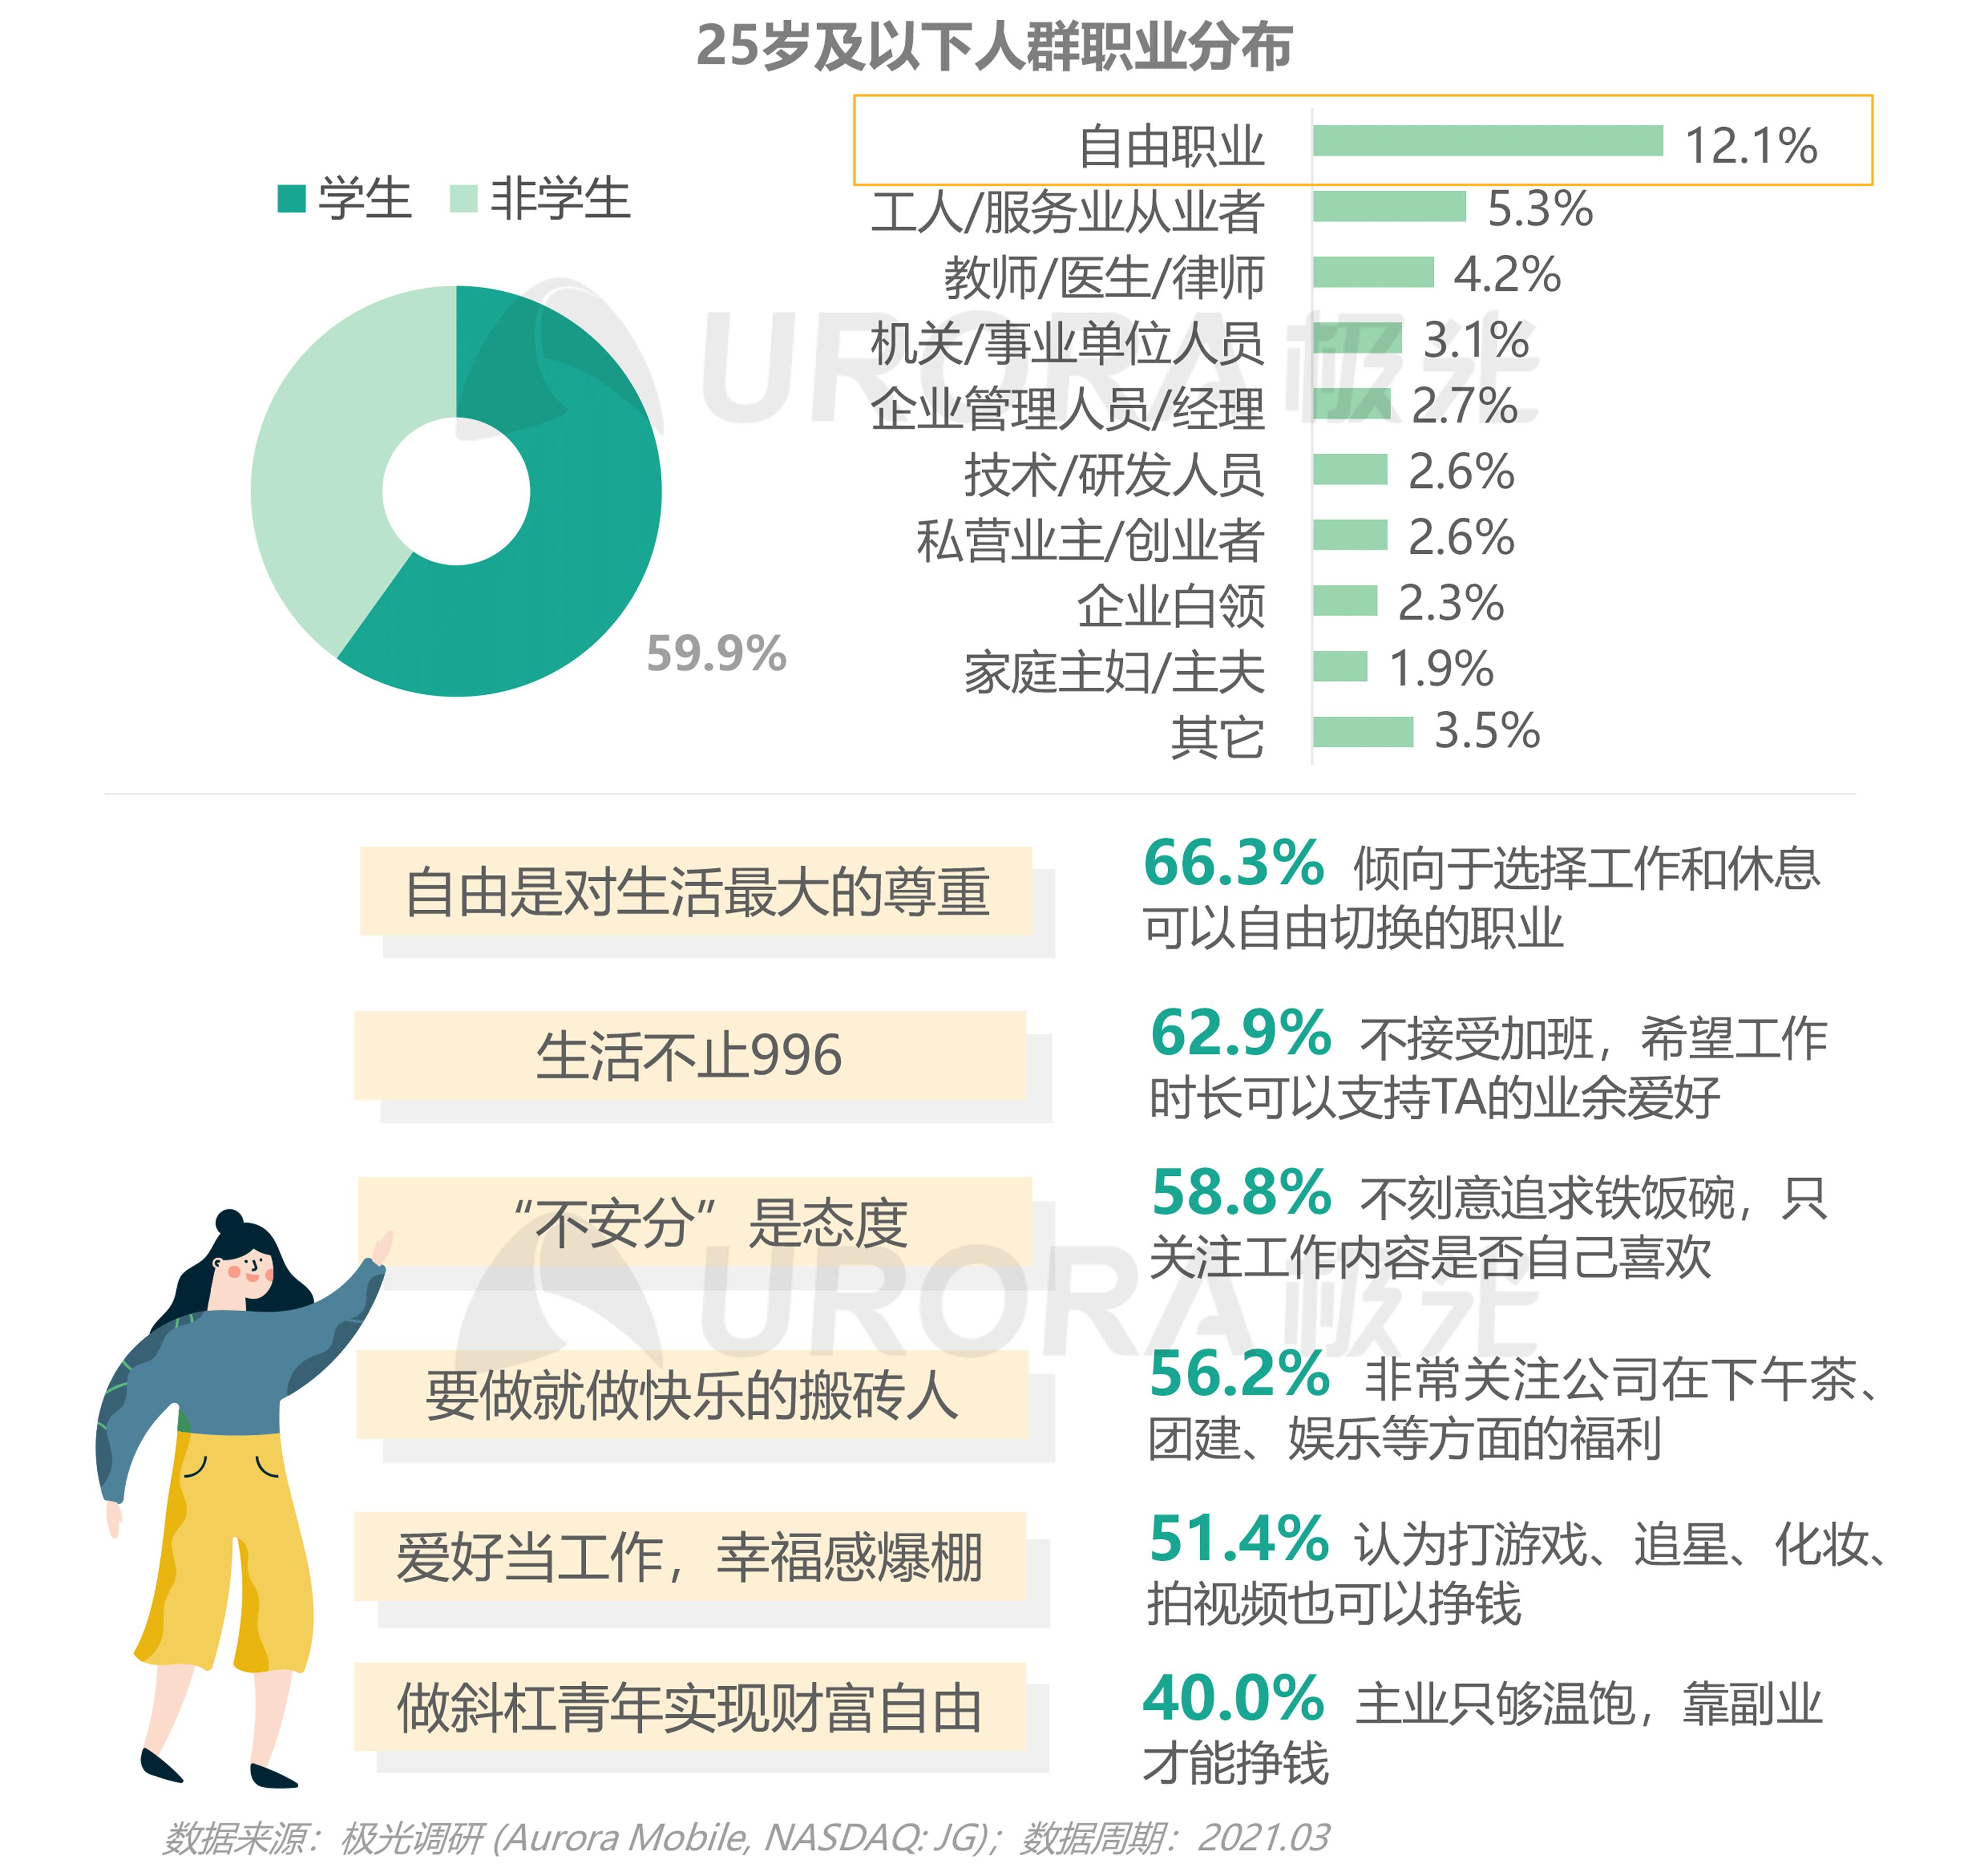 2021年轻人营销趋势研究报告【定稿】-9.png